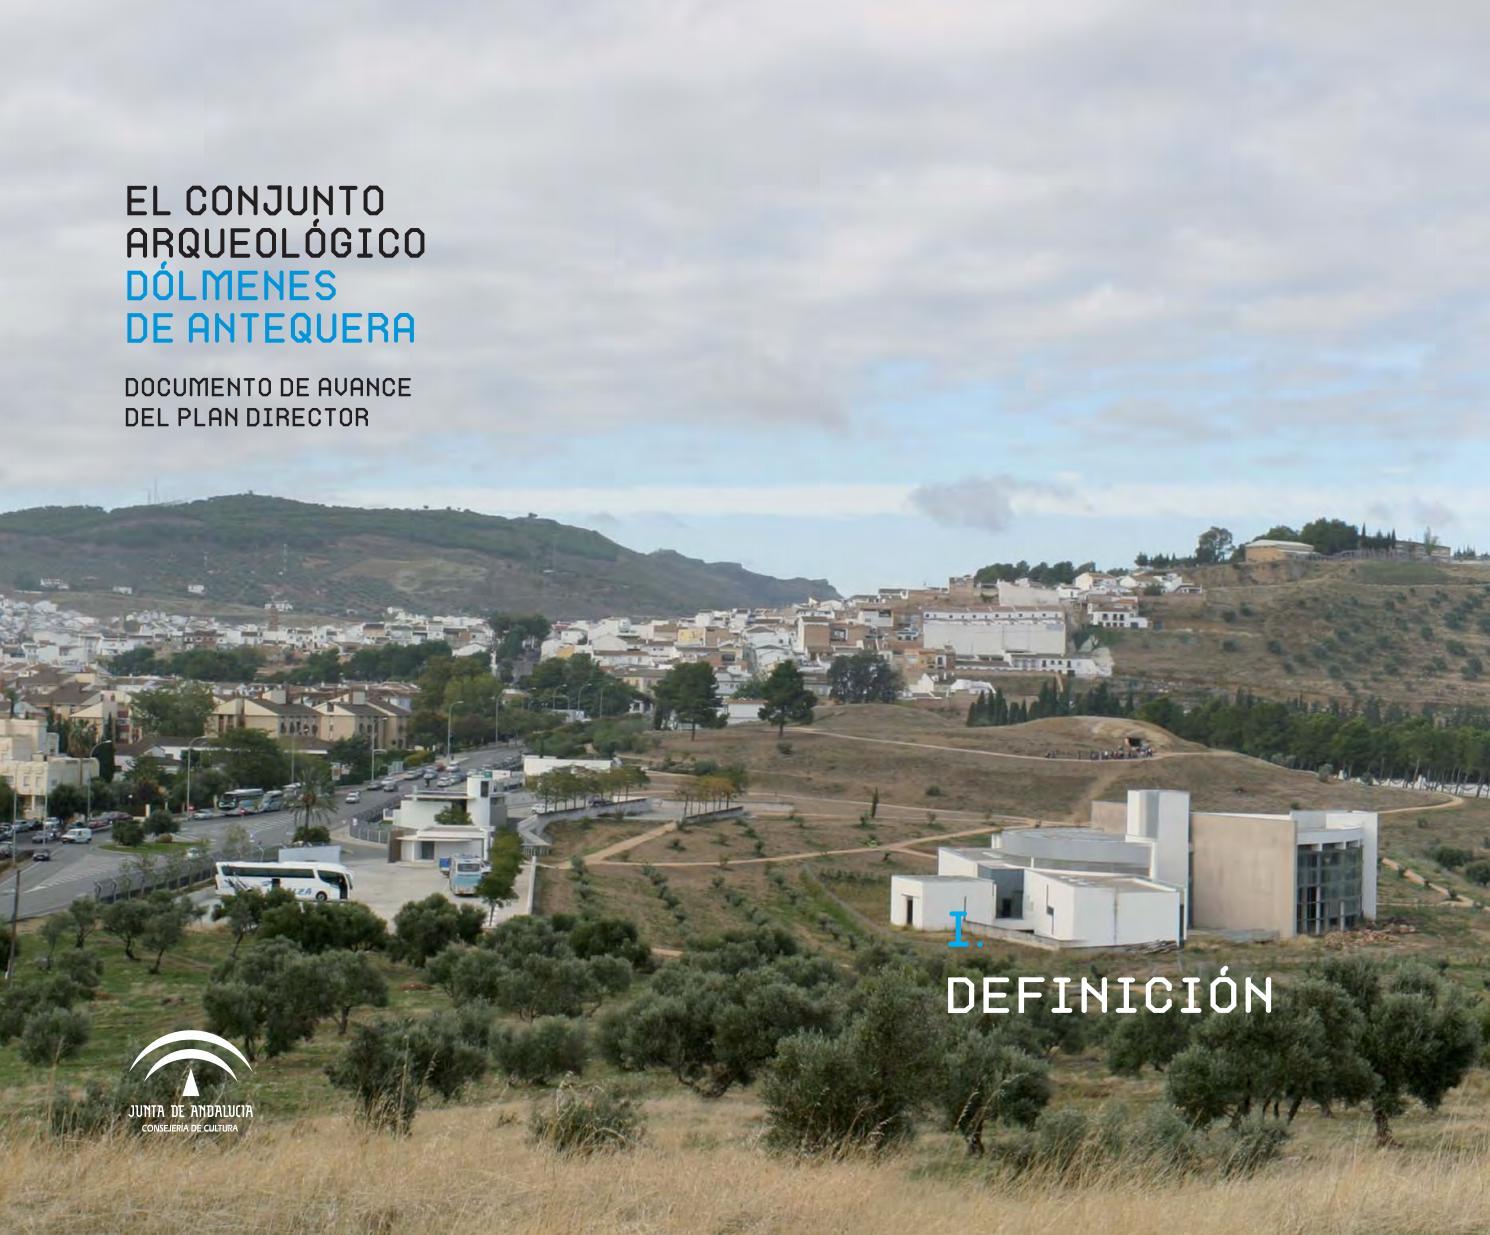 8290fd9b0 El Conjunto Arqueológico Dólmenes de Antequera. Documento de avance del  Plan Director. I by dolmenesdeantequera.ccul - issuu